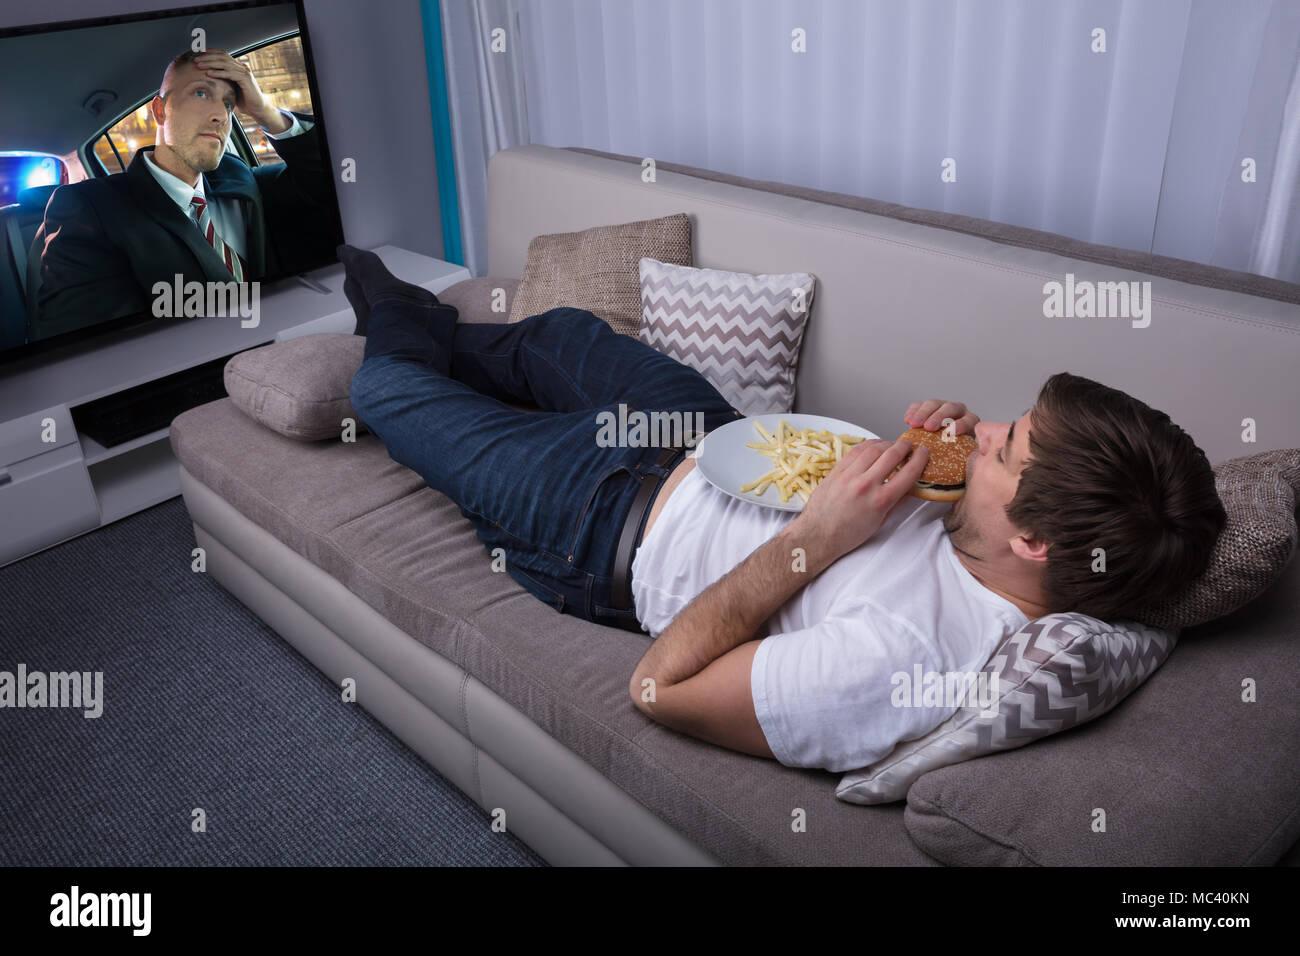 Giovane Uomo sdraiato sul divano a mangiare patatine fritte e Burger Immagini Stock